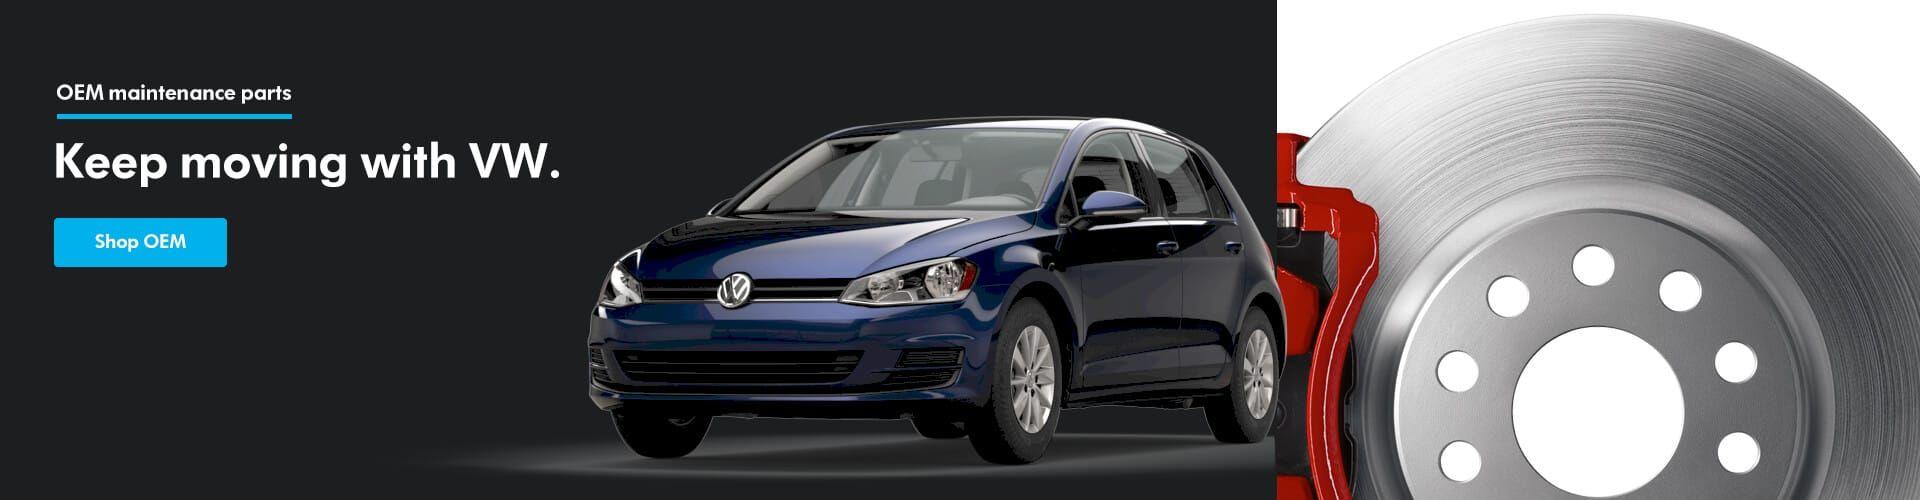 Volkswagen Maintenance Parts